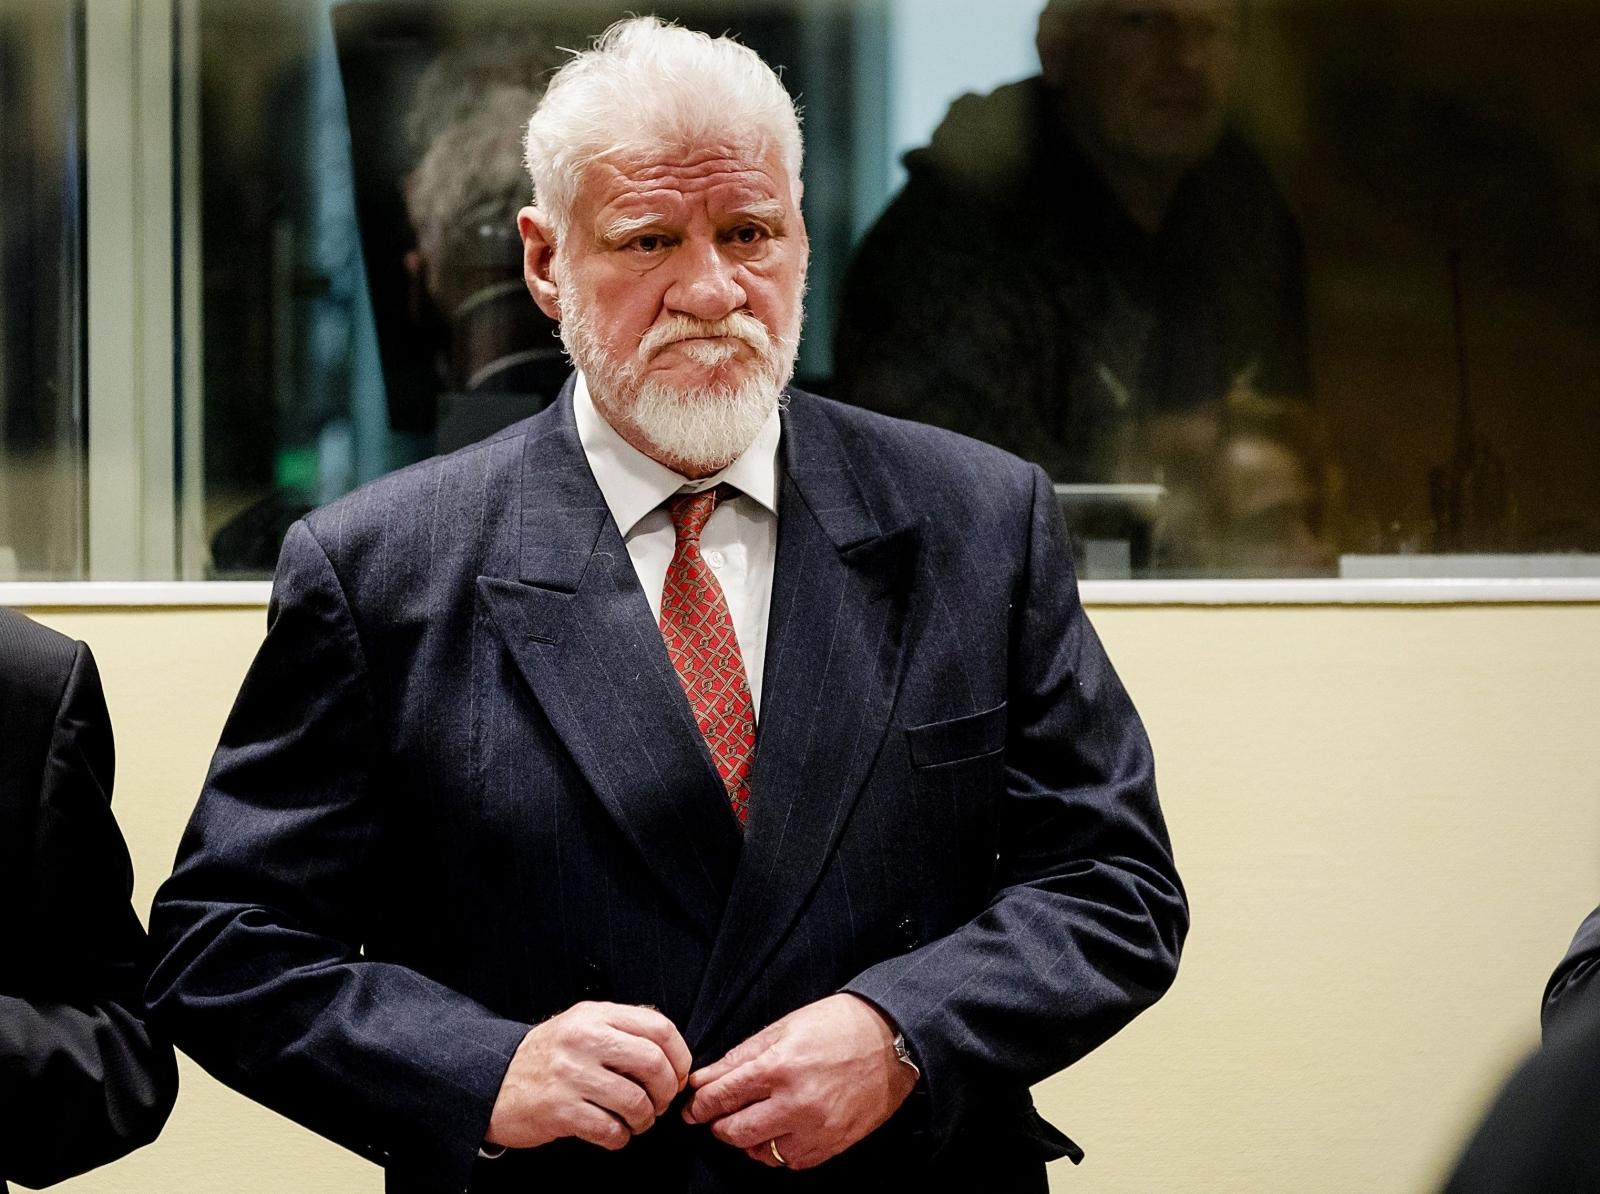 Slobodan Praljak Video >> War criminal 'drinks poison' during Hague tribunal sentence appeal